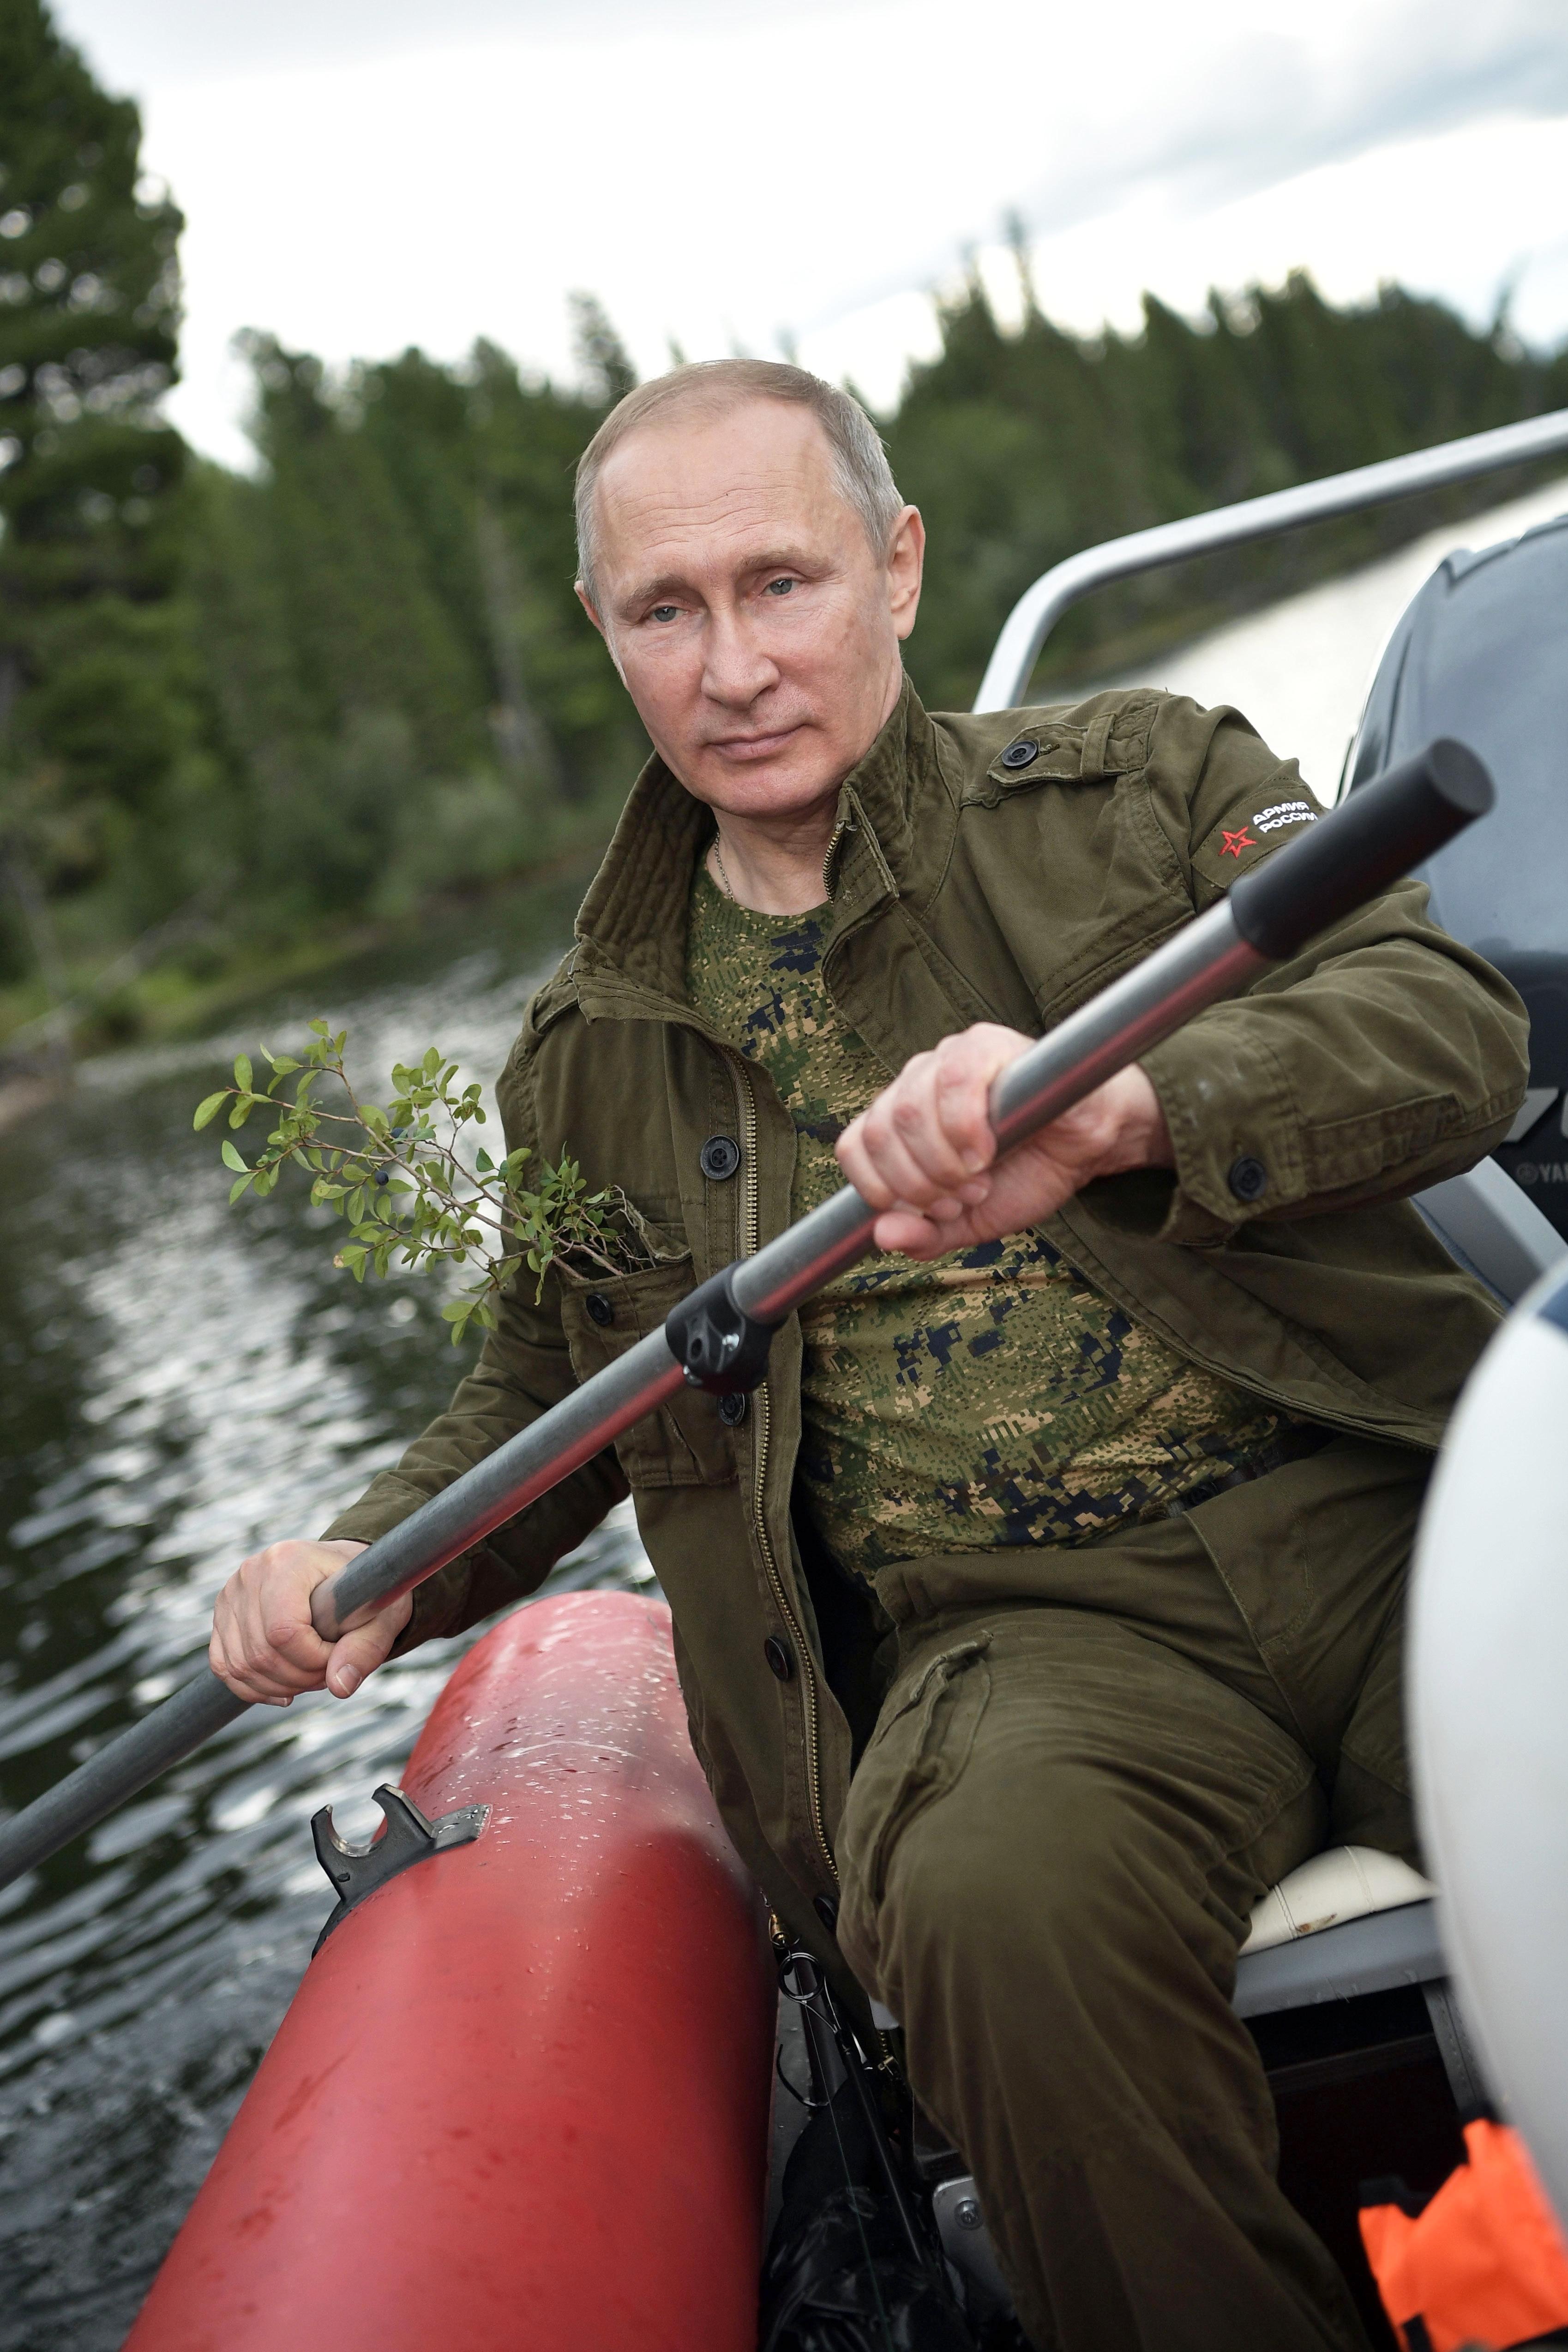 הנשיא פוטין שט בנהר